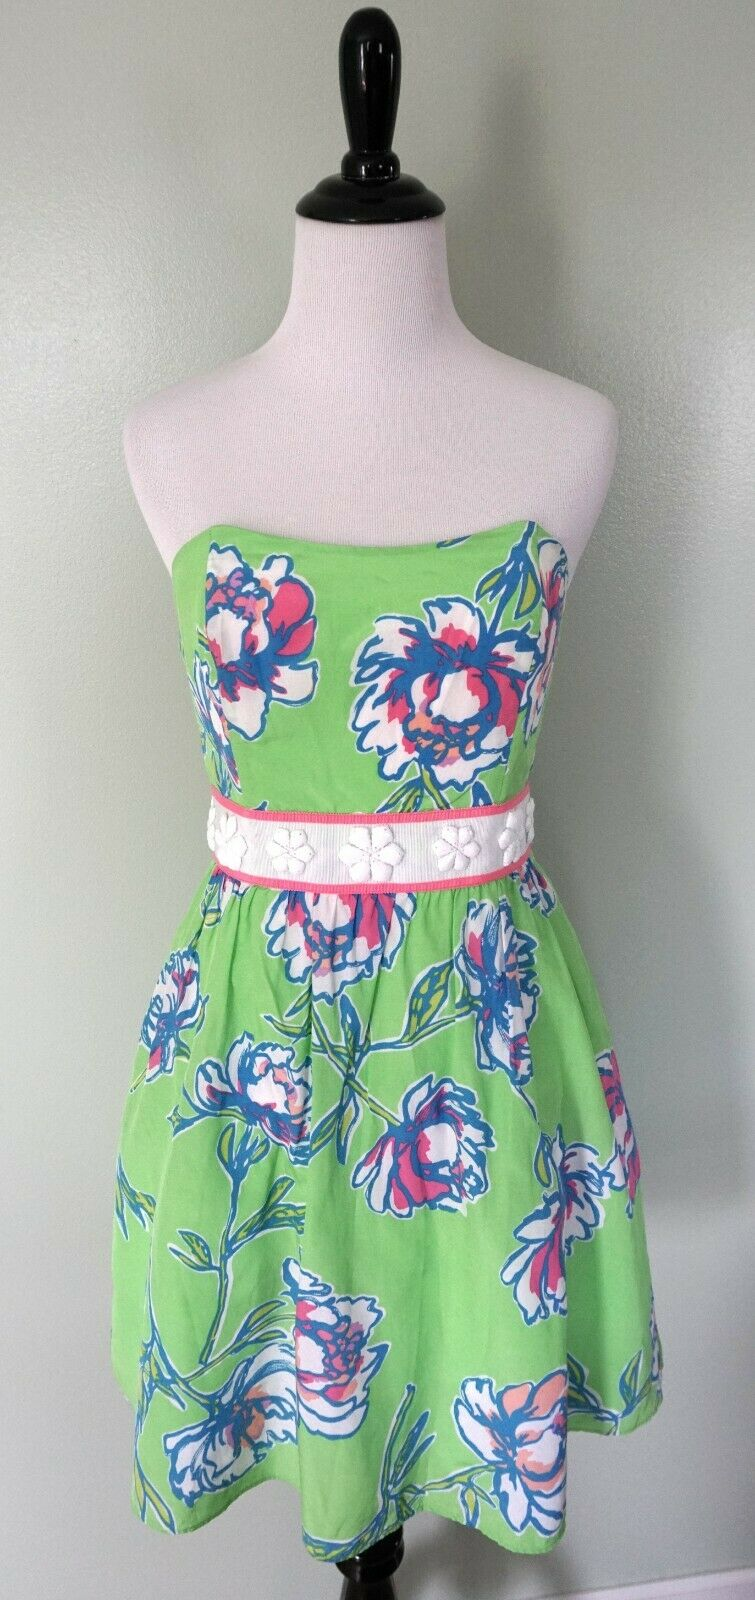 LILLY PULITZER Grün Rosa Weiß Floral Strapless Silk Cotton Sun Dress Größe 2